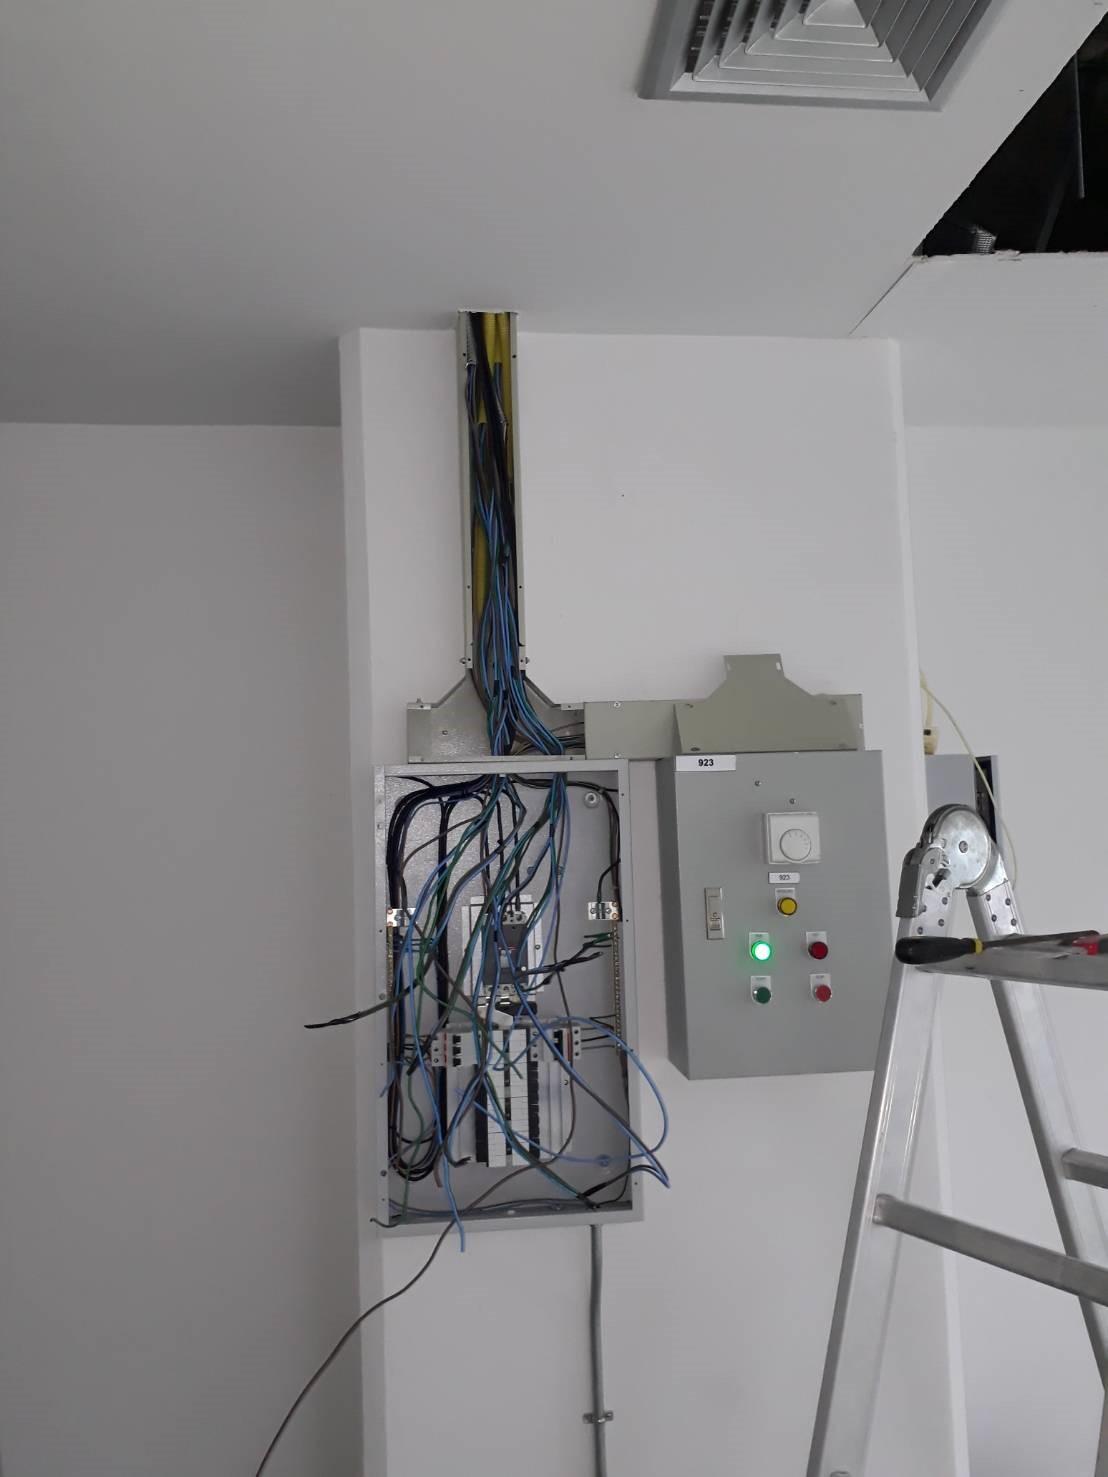 ช่างซ่อม ไฟฟ้า ปั้มน้ำ บางแค ด่วน 0882750965 idline @ckj5753k